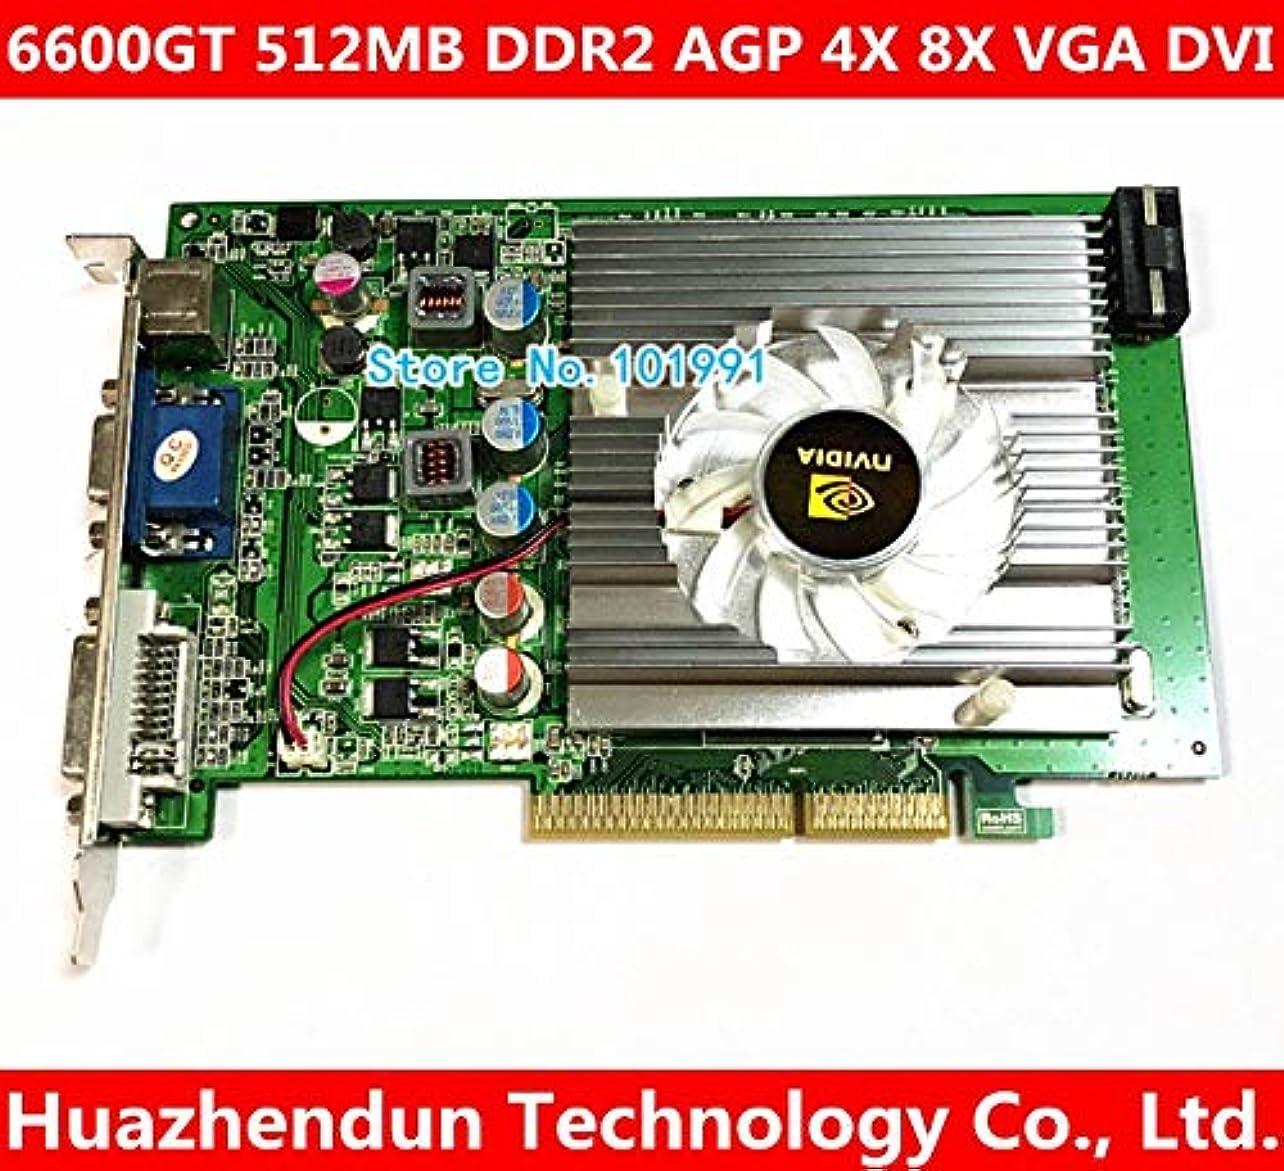 入力マンハッタンありふれたShineBear nVIDIA GeForce 6600GT 512MB DDR2 AGP 4X 8X VGA DVI グラフィックカード SNB-0F5B5FAC886C448FCFF9D88B61A696C3